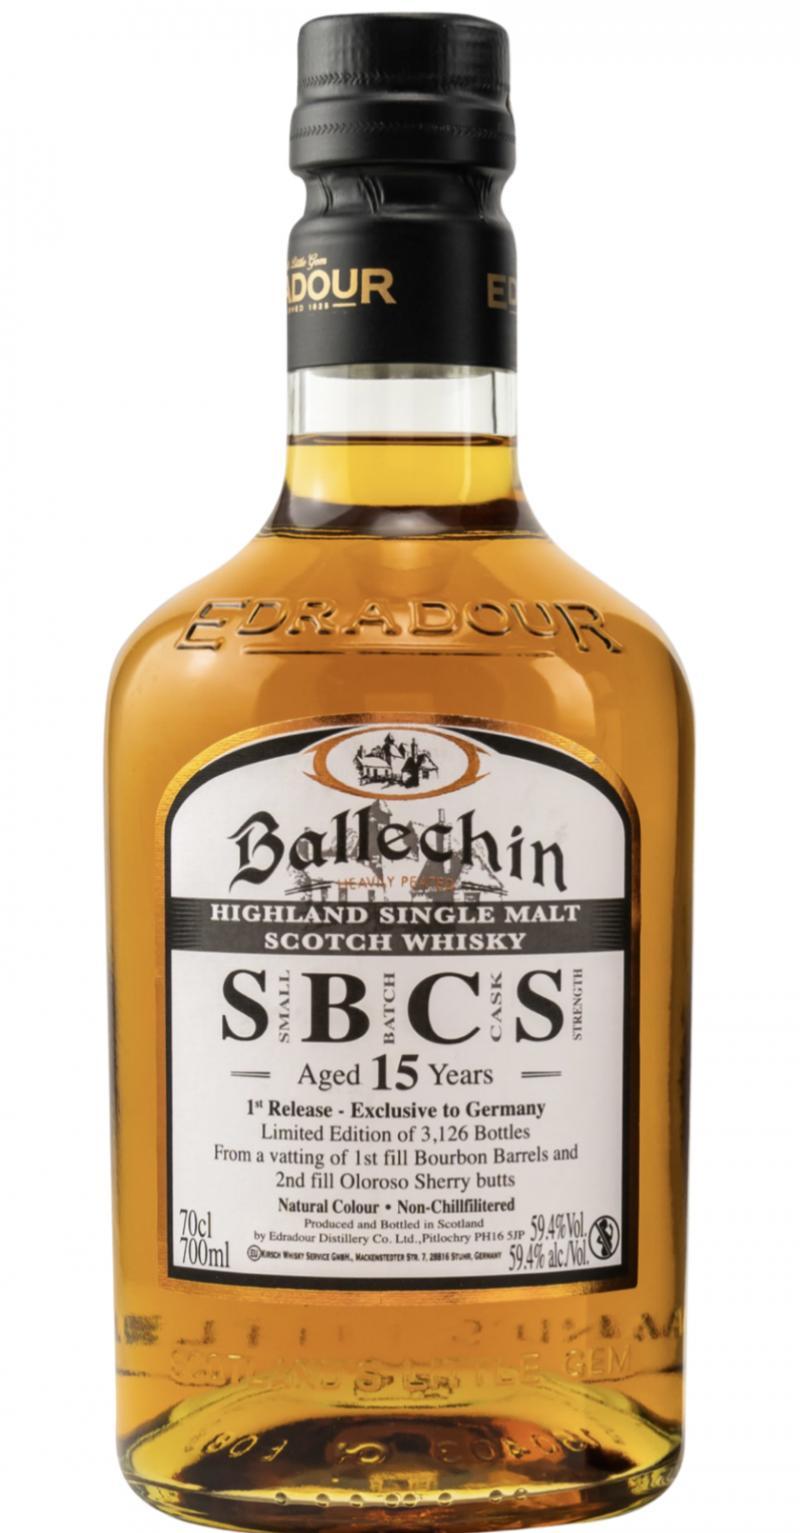 Ballechin 15-year-old